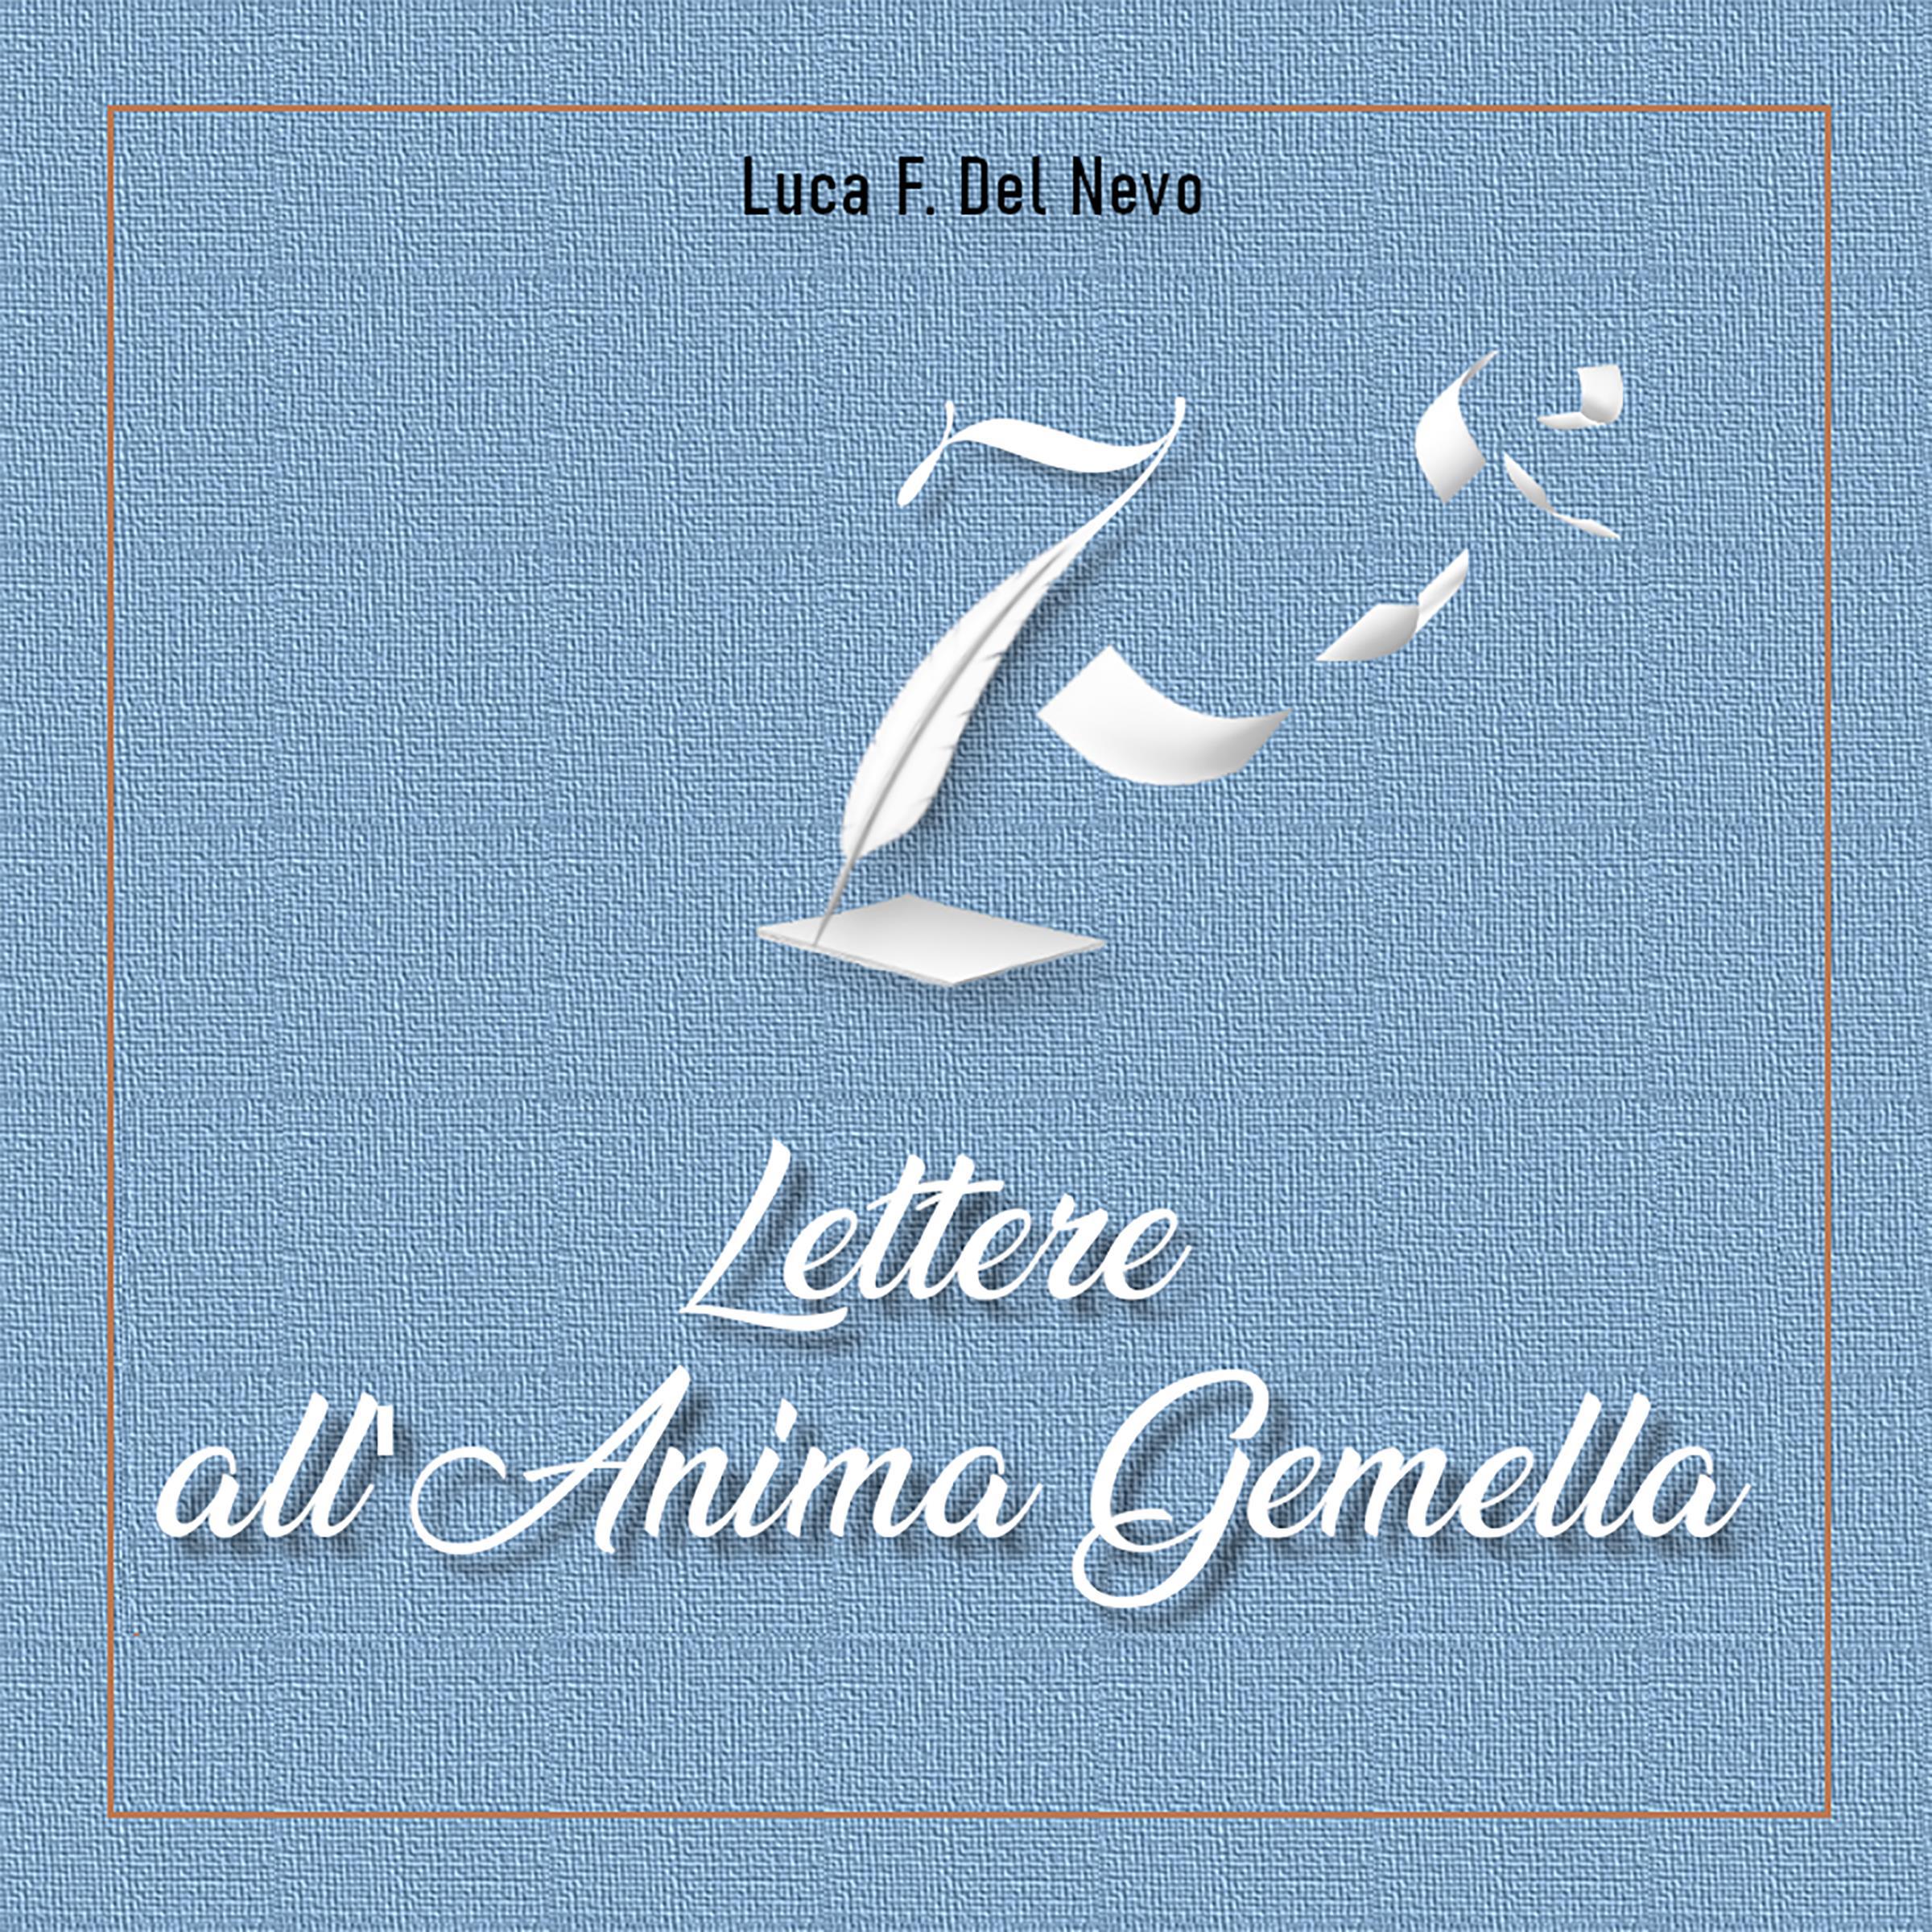 7 Lettere all'Anima Gemella